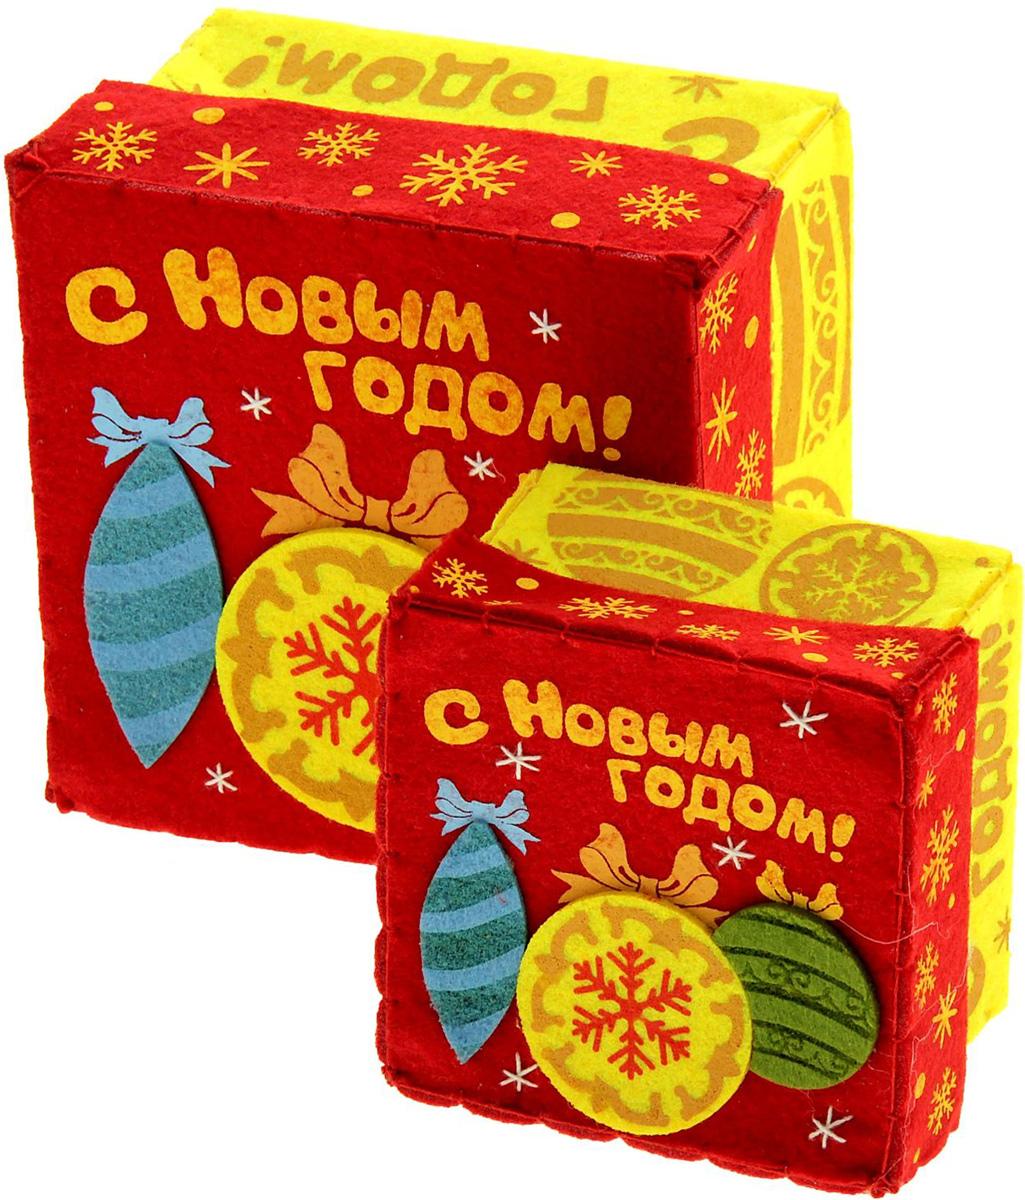 Набор подарочных коробок Sima-land Новогодние шарики, 16,1 х 16,1 см699703Набор подарочных коробок Sima-land - это наилучшее решение, если вы хотите порадовать ваших близких и создать праздничное настроение, ведь подарок, преподнесенный в оригинальной упаковке, всегда будет самым эффектным и запоминающимся. Сделанная своими руками оригинальная упаковка выделит презент из массы других, расскажет о ваших теплых чувствах, наполнит праздник сказочной атмосферой. Следуйте инструкции, и вы легко создадите яркую, привлекающую внимание коробочку.